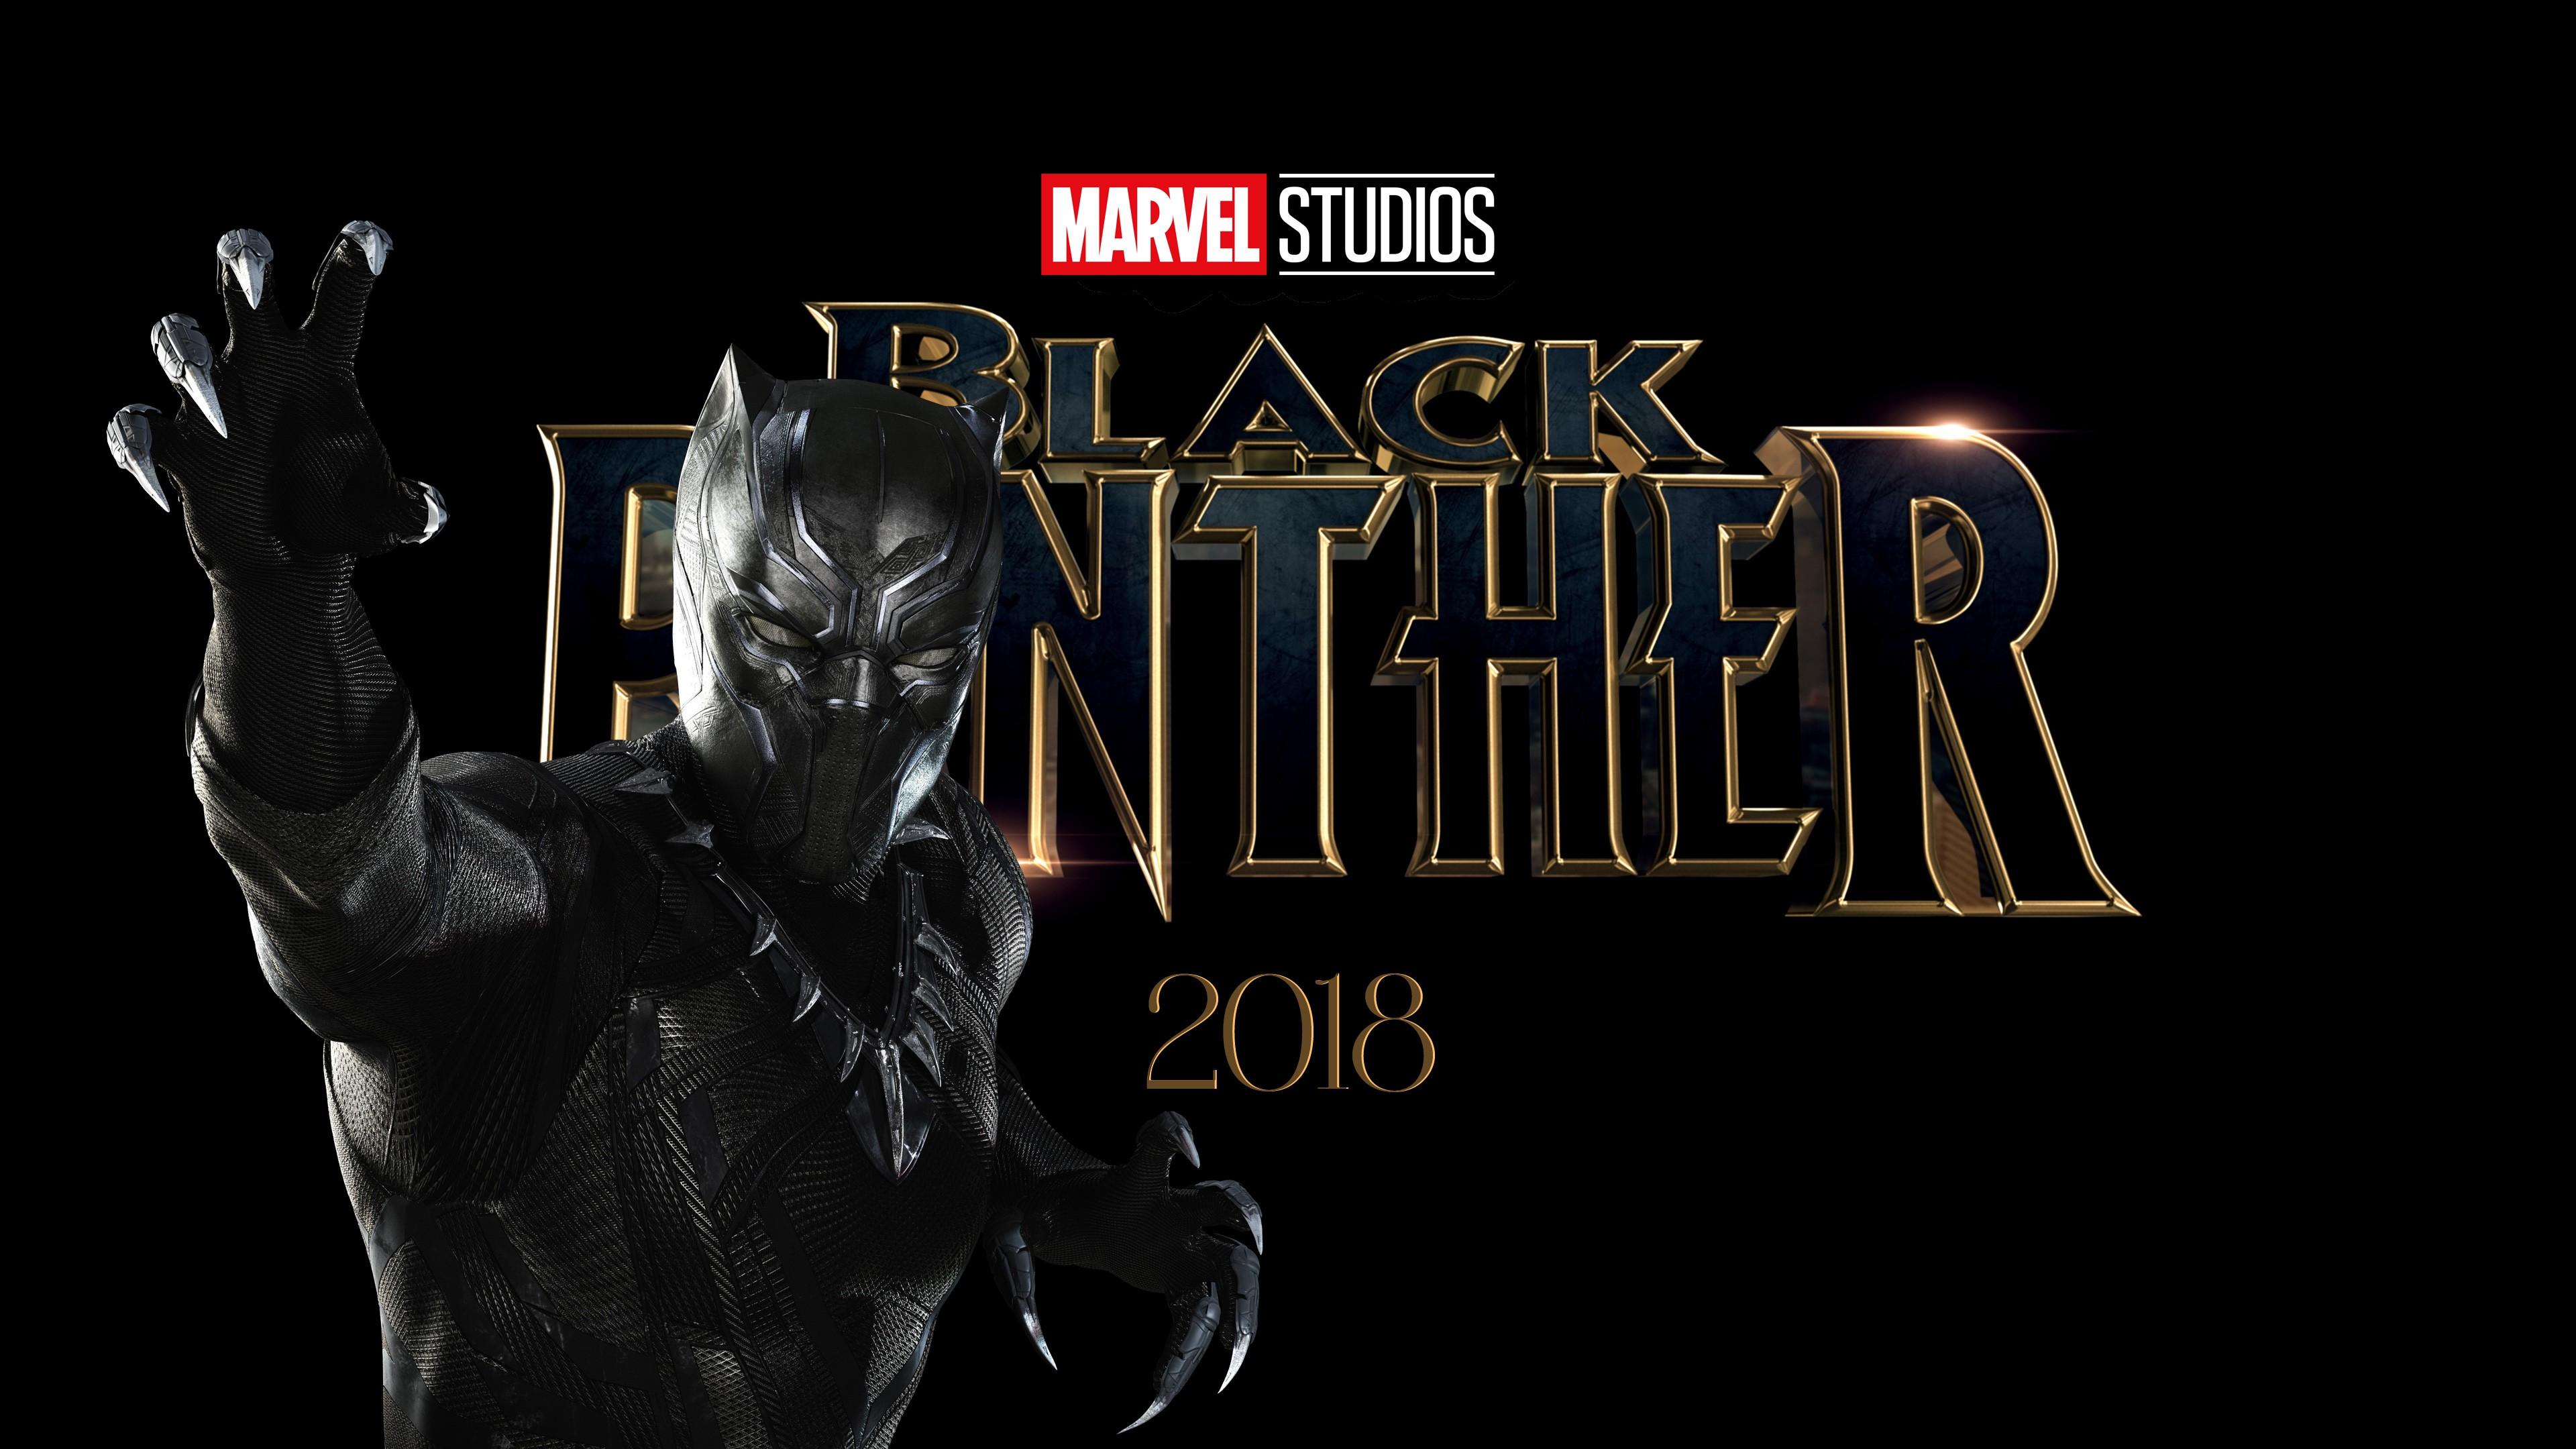 Вышел новый трейлер Чёрной Пантеры - смотрим и ждём фильм с нетерпением!